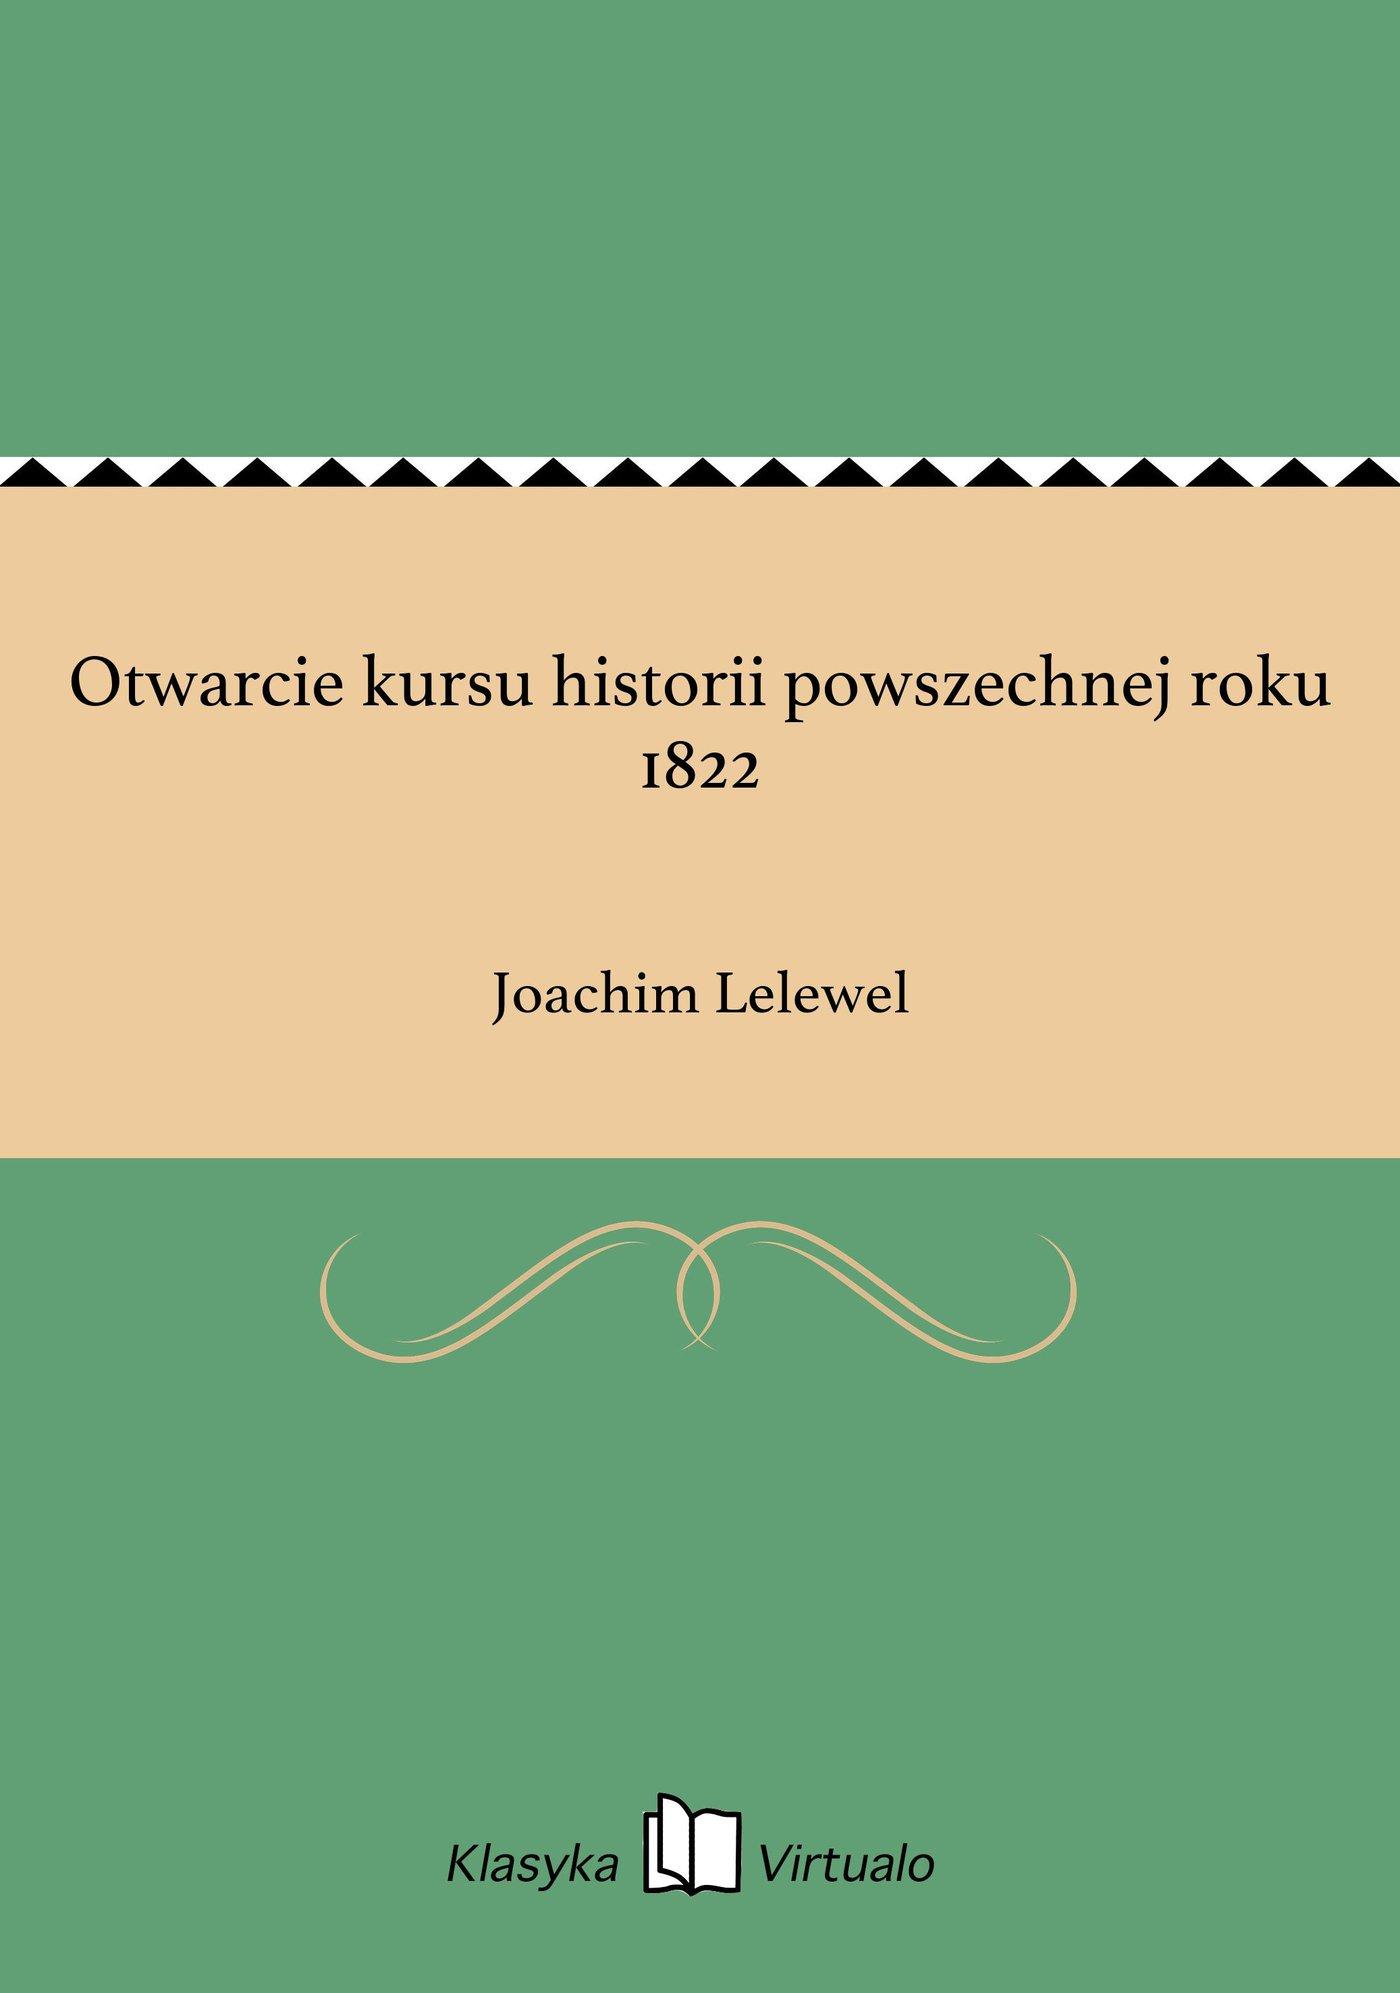 Otwarcie kursu historii powszechnej roku 1822 - Ebook (Książka EPUB) do pobrania w formacie EPUB